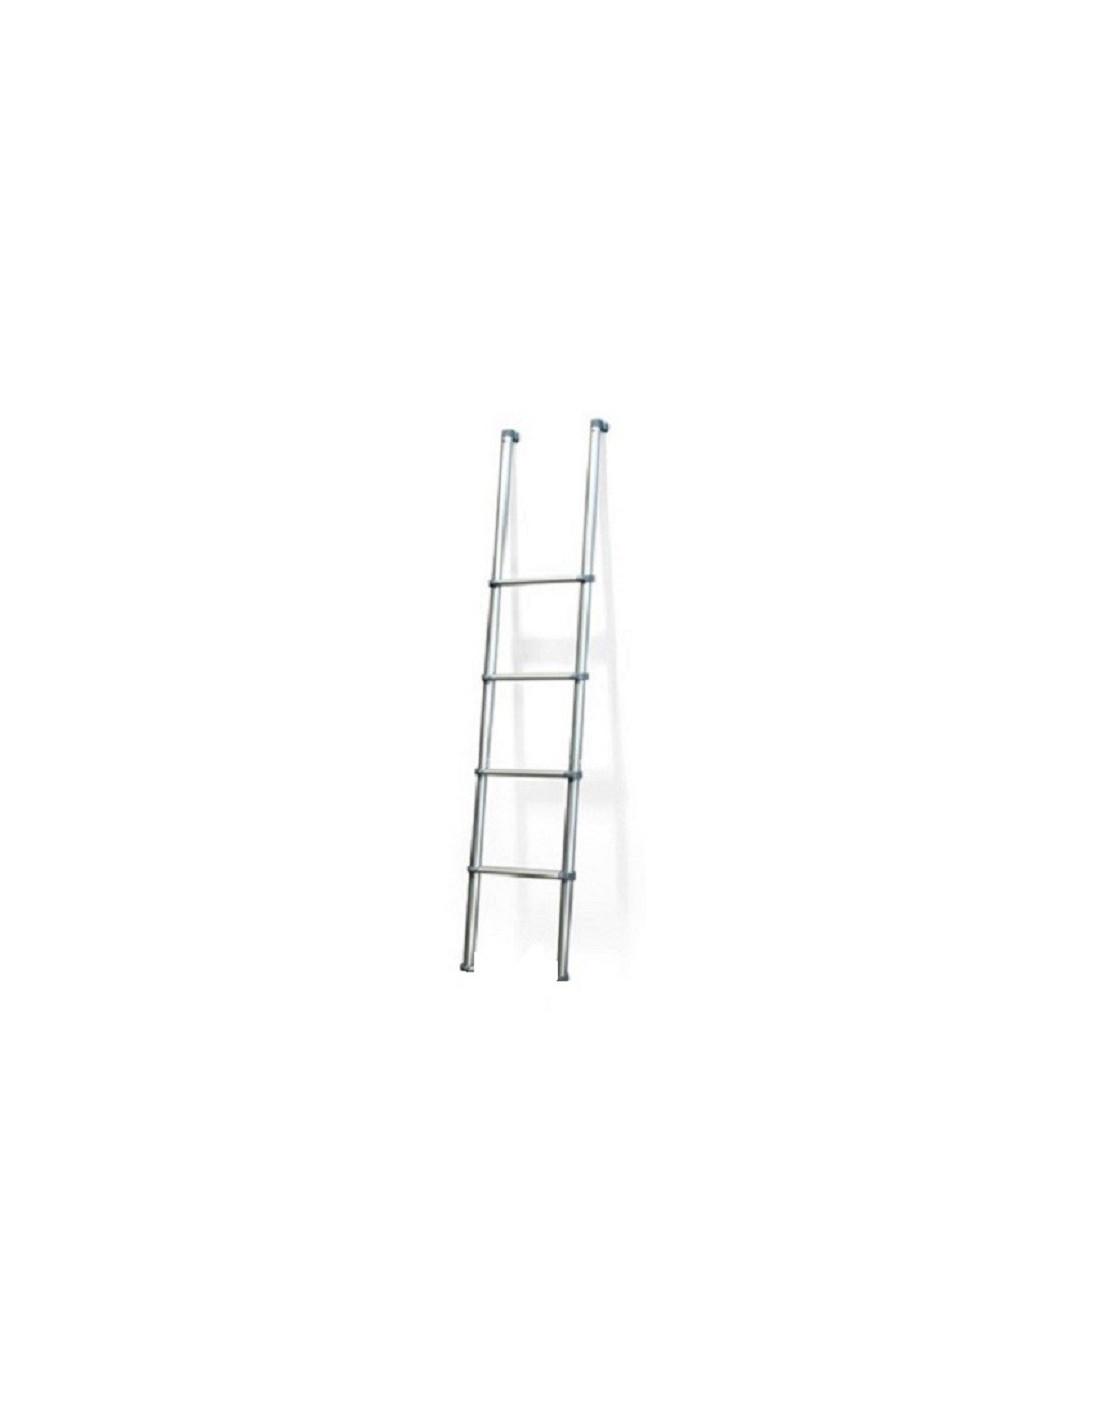 Escalera aluminio para interior 129cm tienda de camping for Escaleras portatiles precios